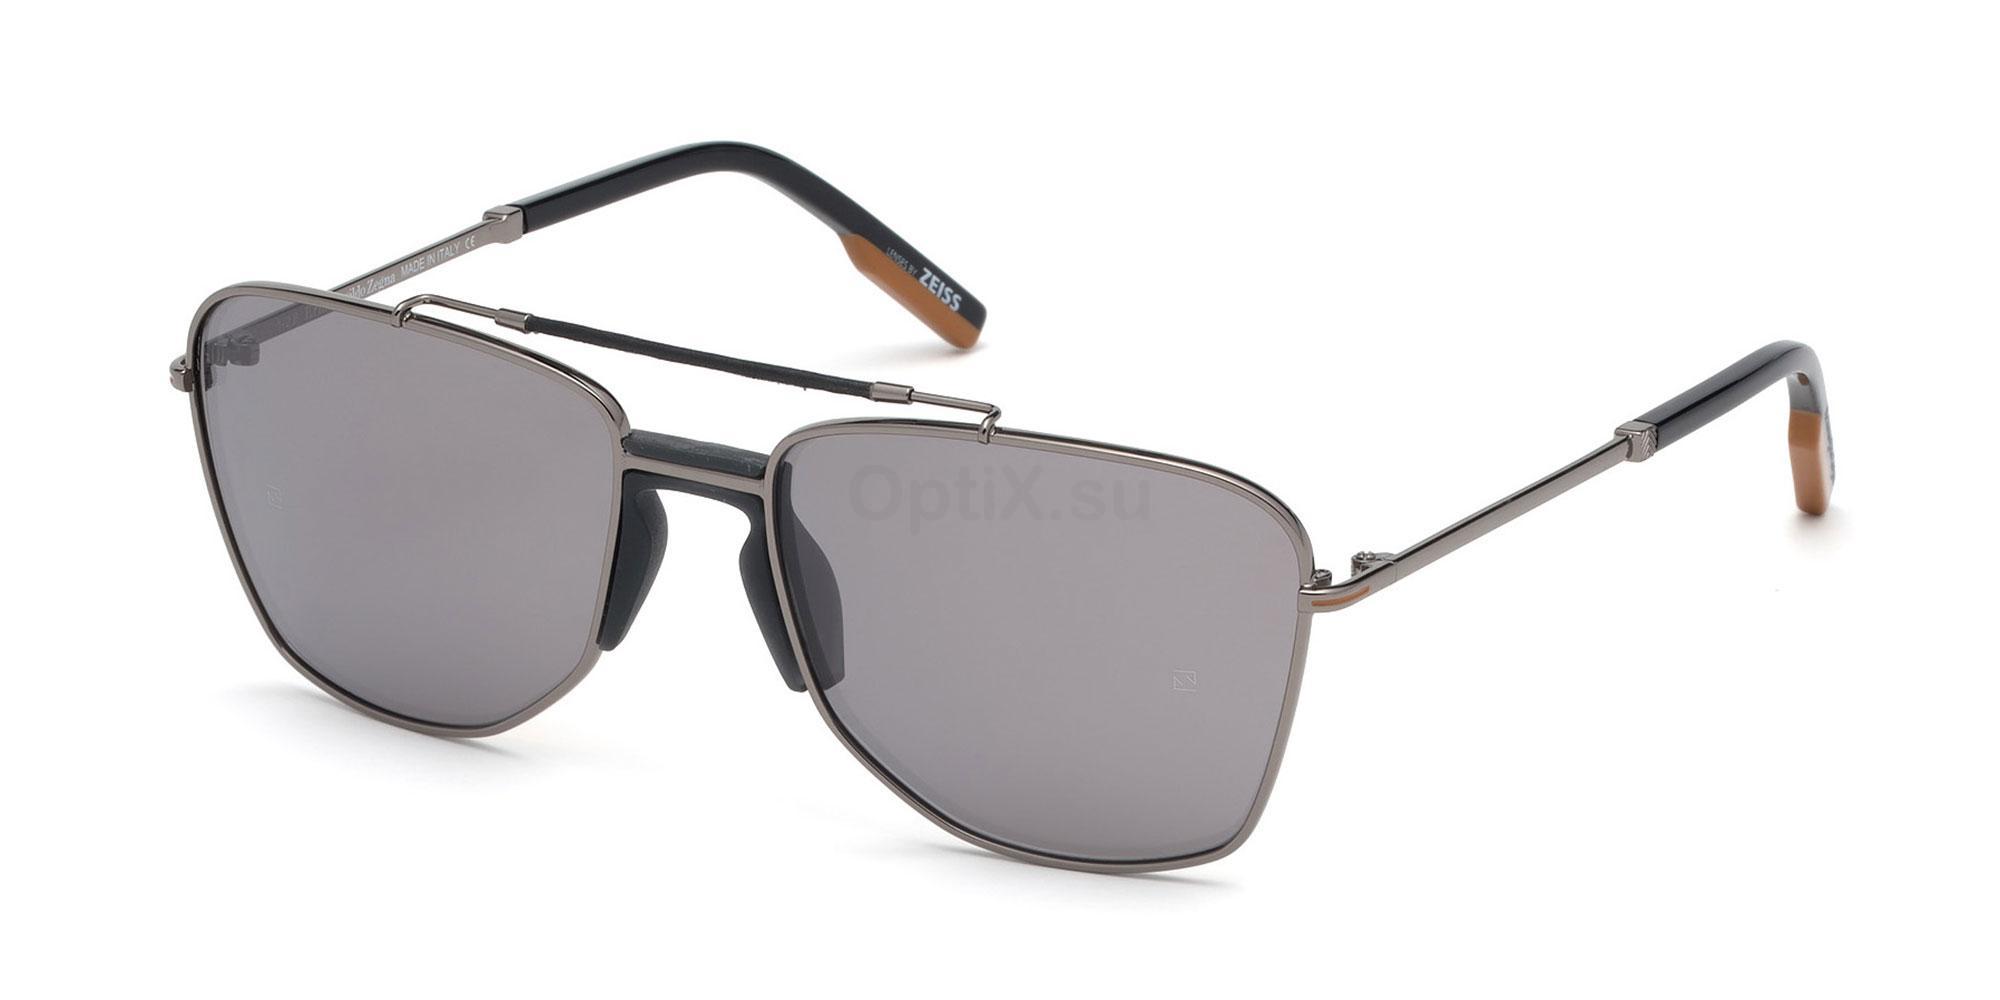 08N EZ0130 Sunglasses, Ermenegildo Zegna